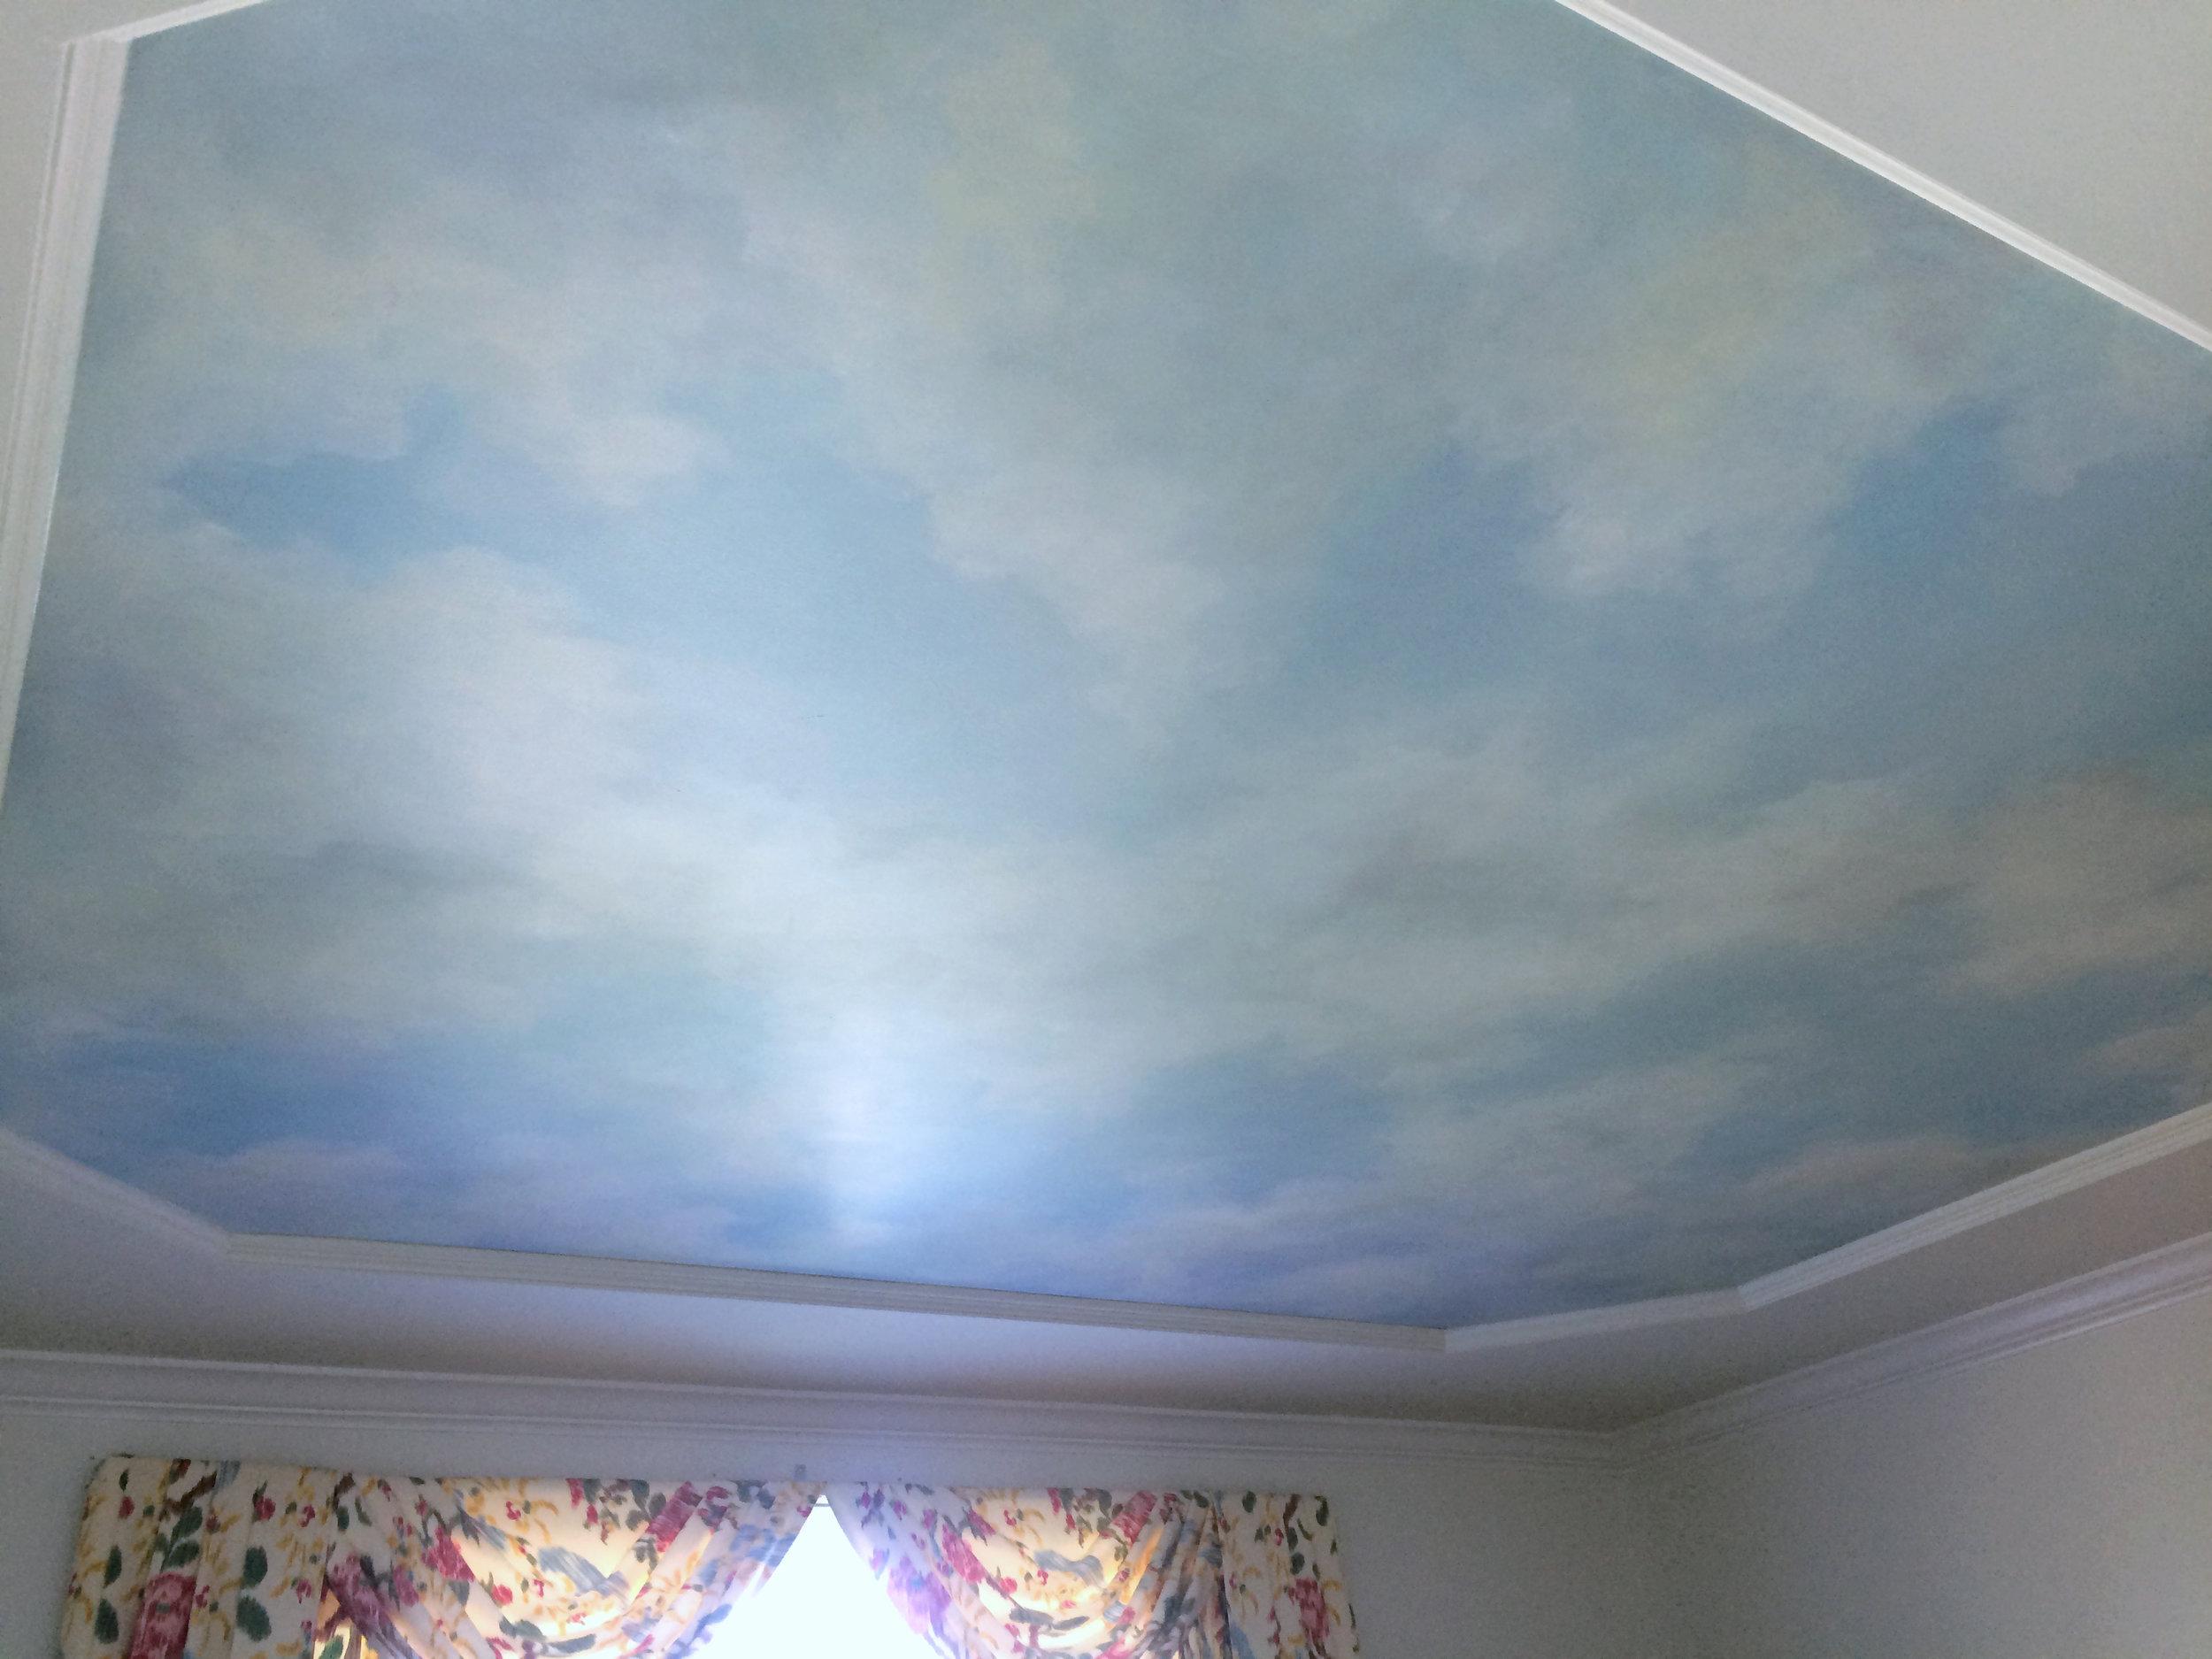 cloud ceiling 2.jpg